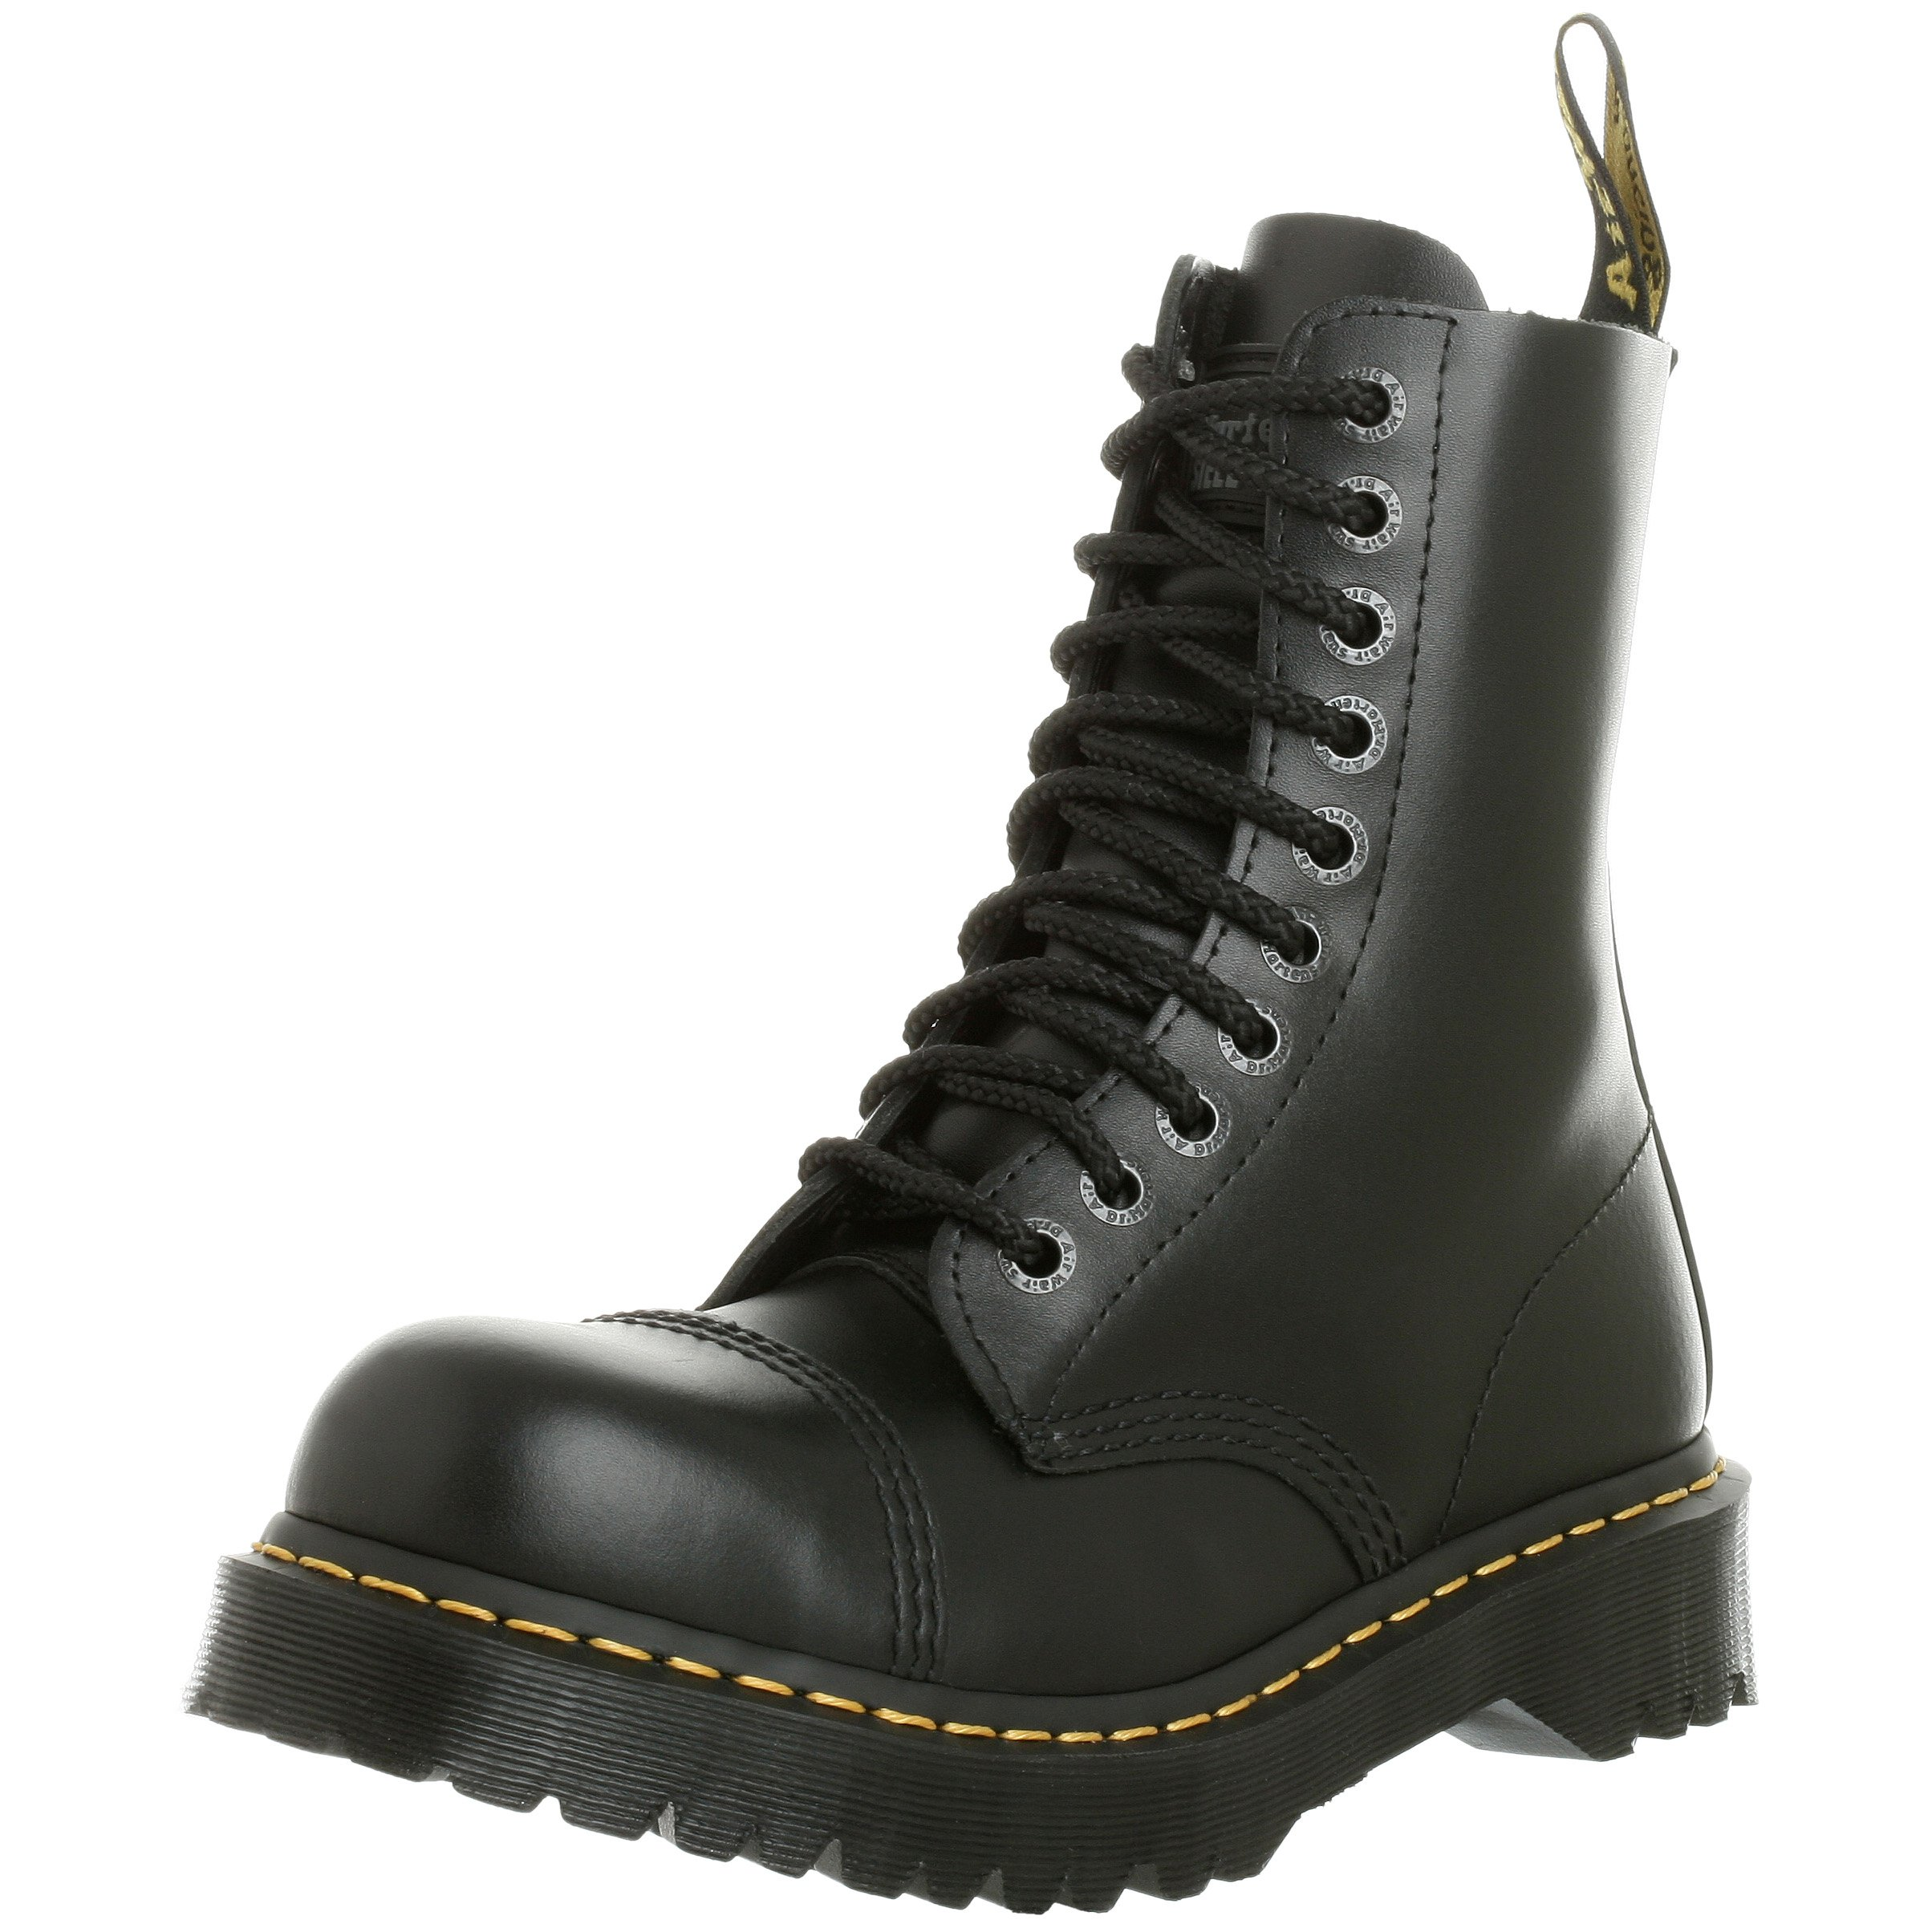 Dr. Martens Men's/Women's 8761 Boot, Black,5 UK/M 6- W 7 M US